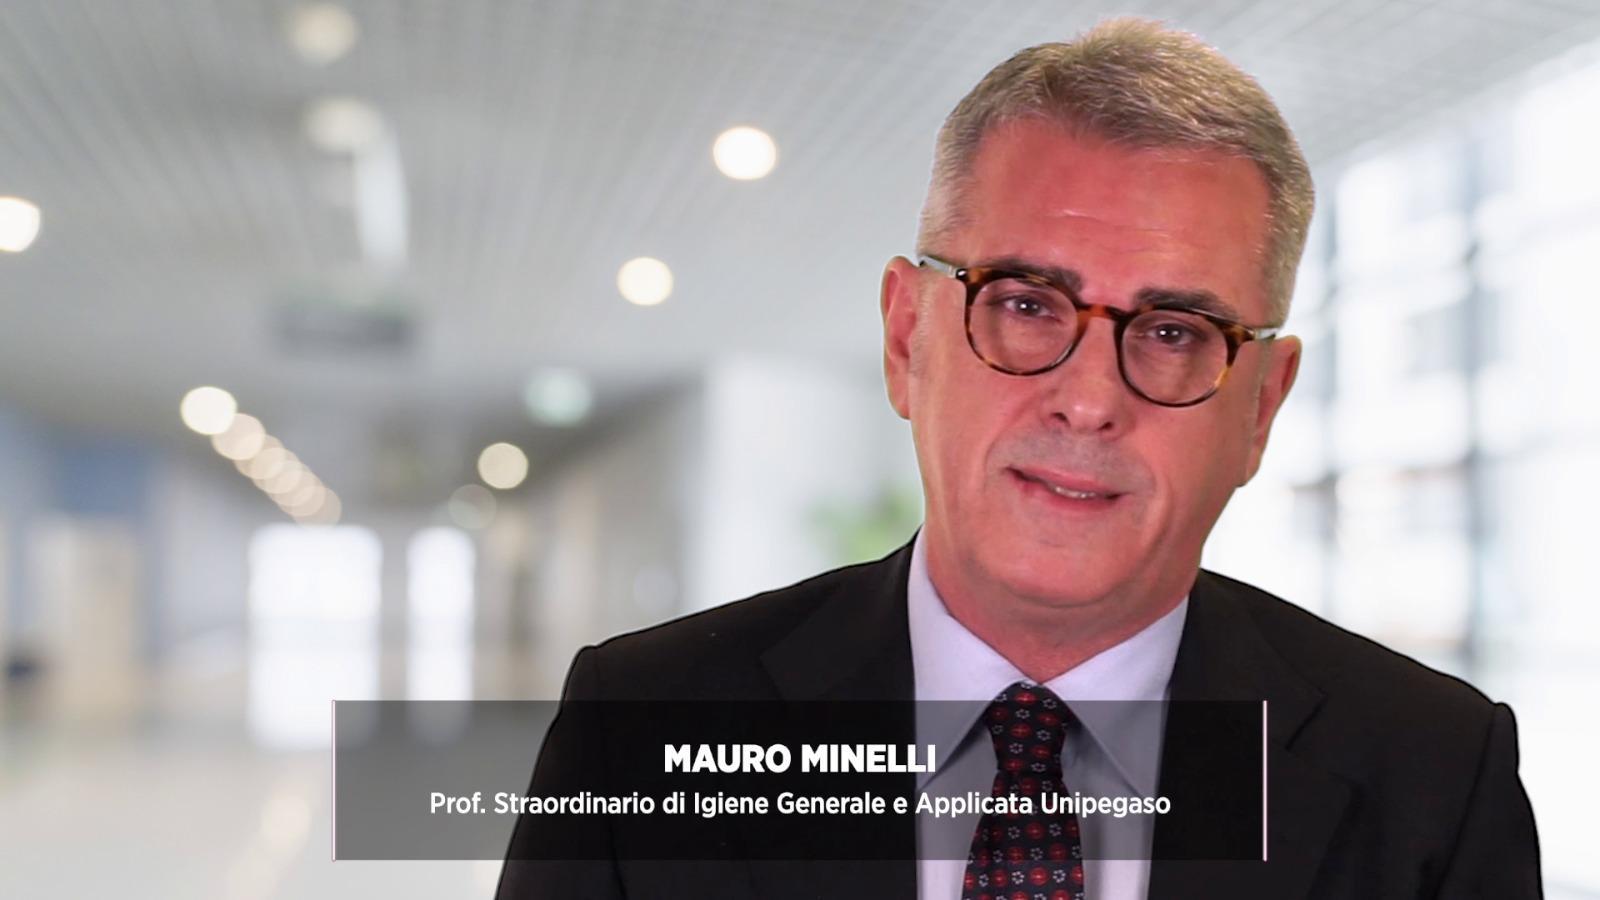 Coronavirus: Rischi e contagi: luci e ombre - Mauro Minelli